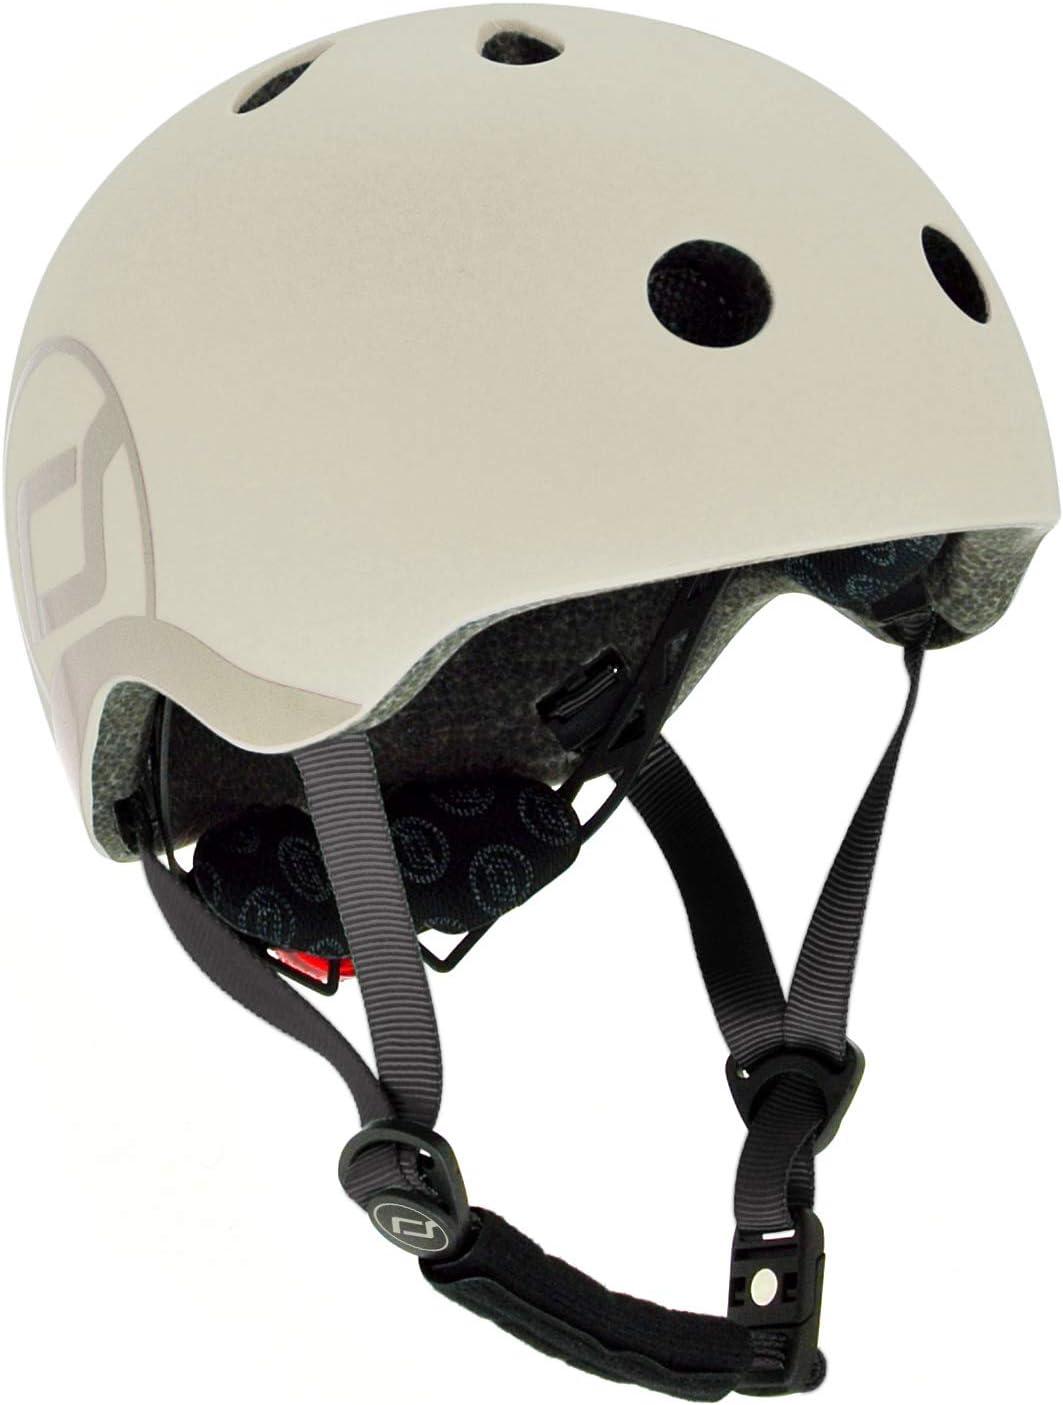 Scoot & Ride - Casco Integral (Talla S)